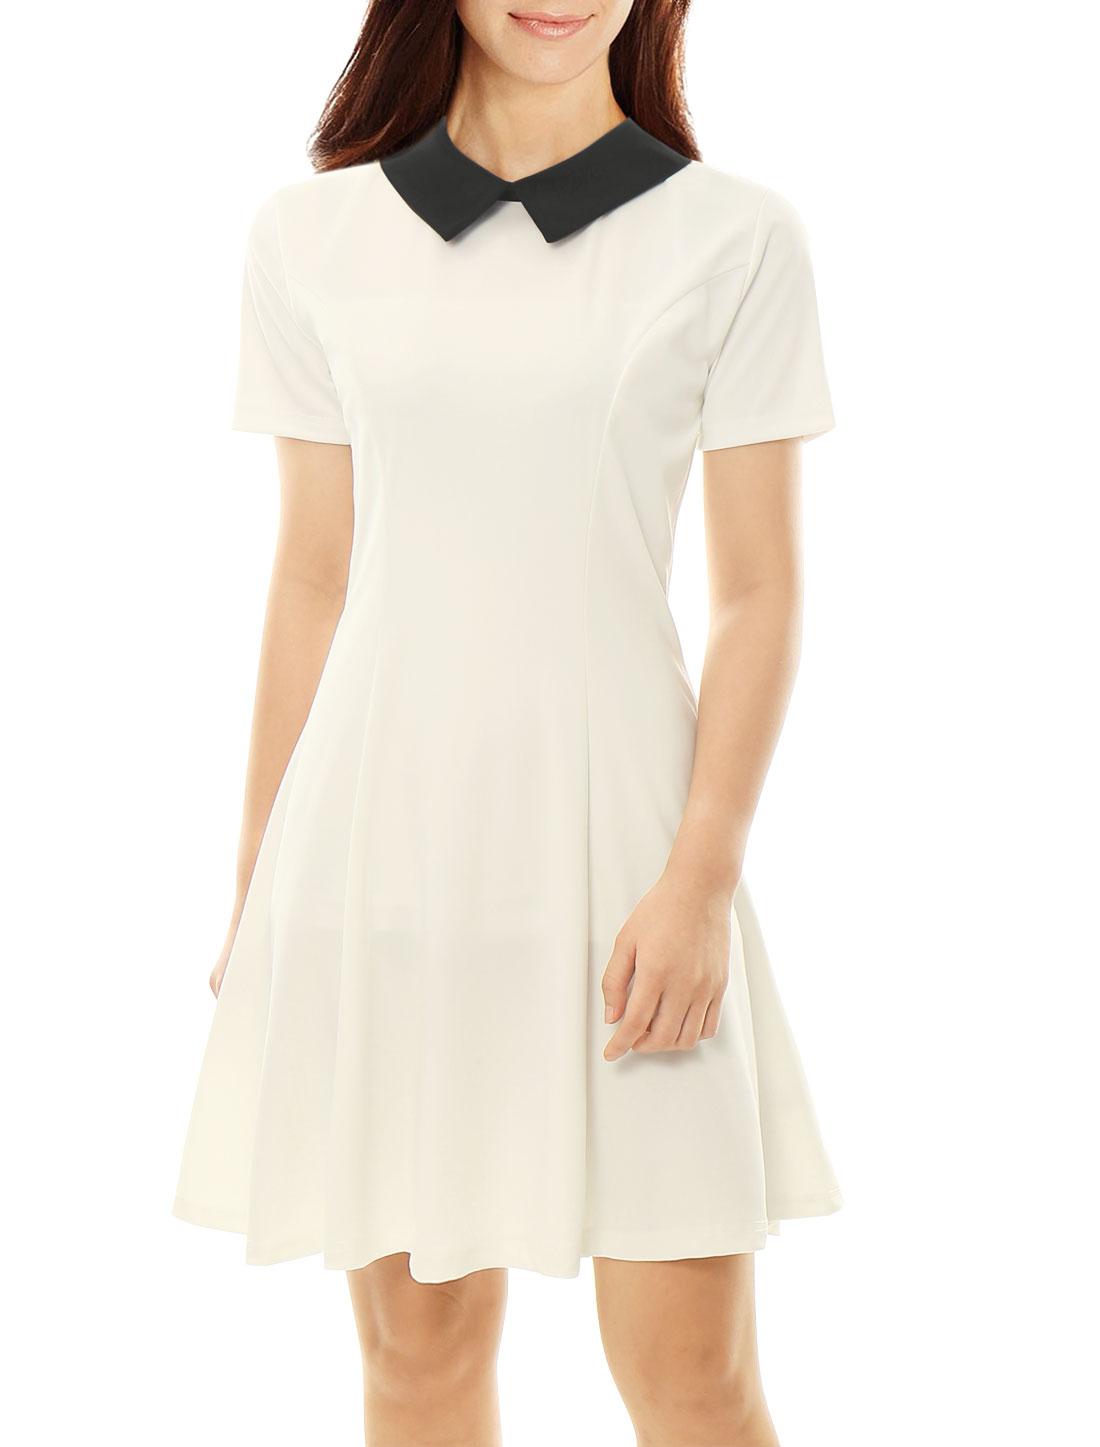 Allegra K Women Contrast Doll Collar Short Sleeves Flare Dress White M